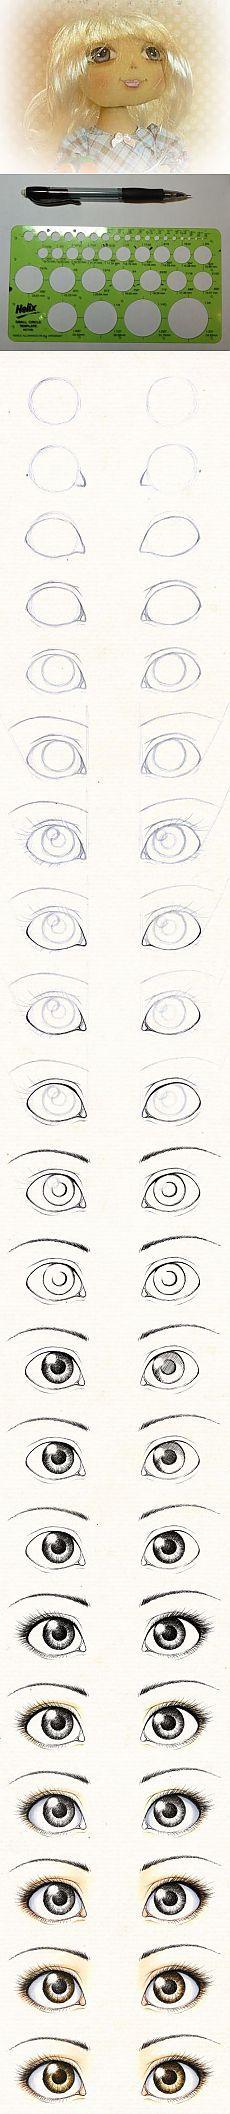 Рисуем глаза текстильной кукле.